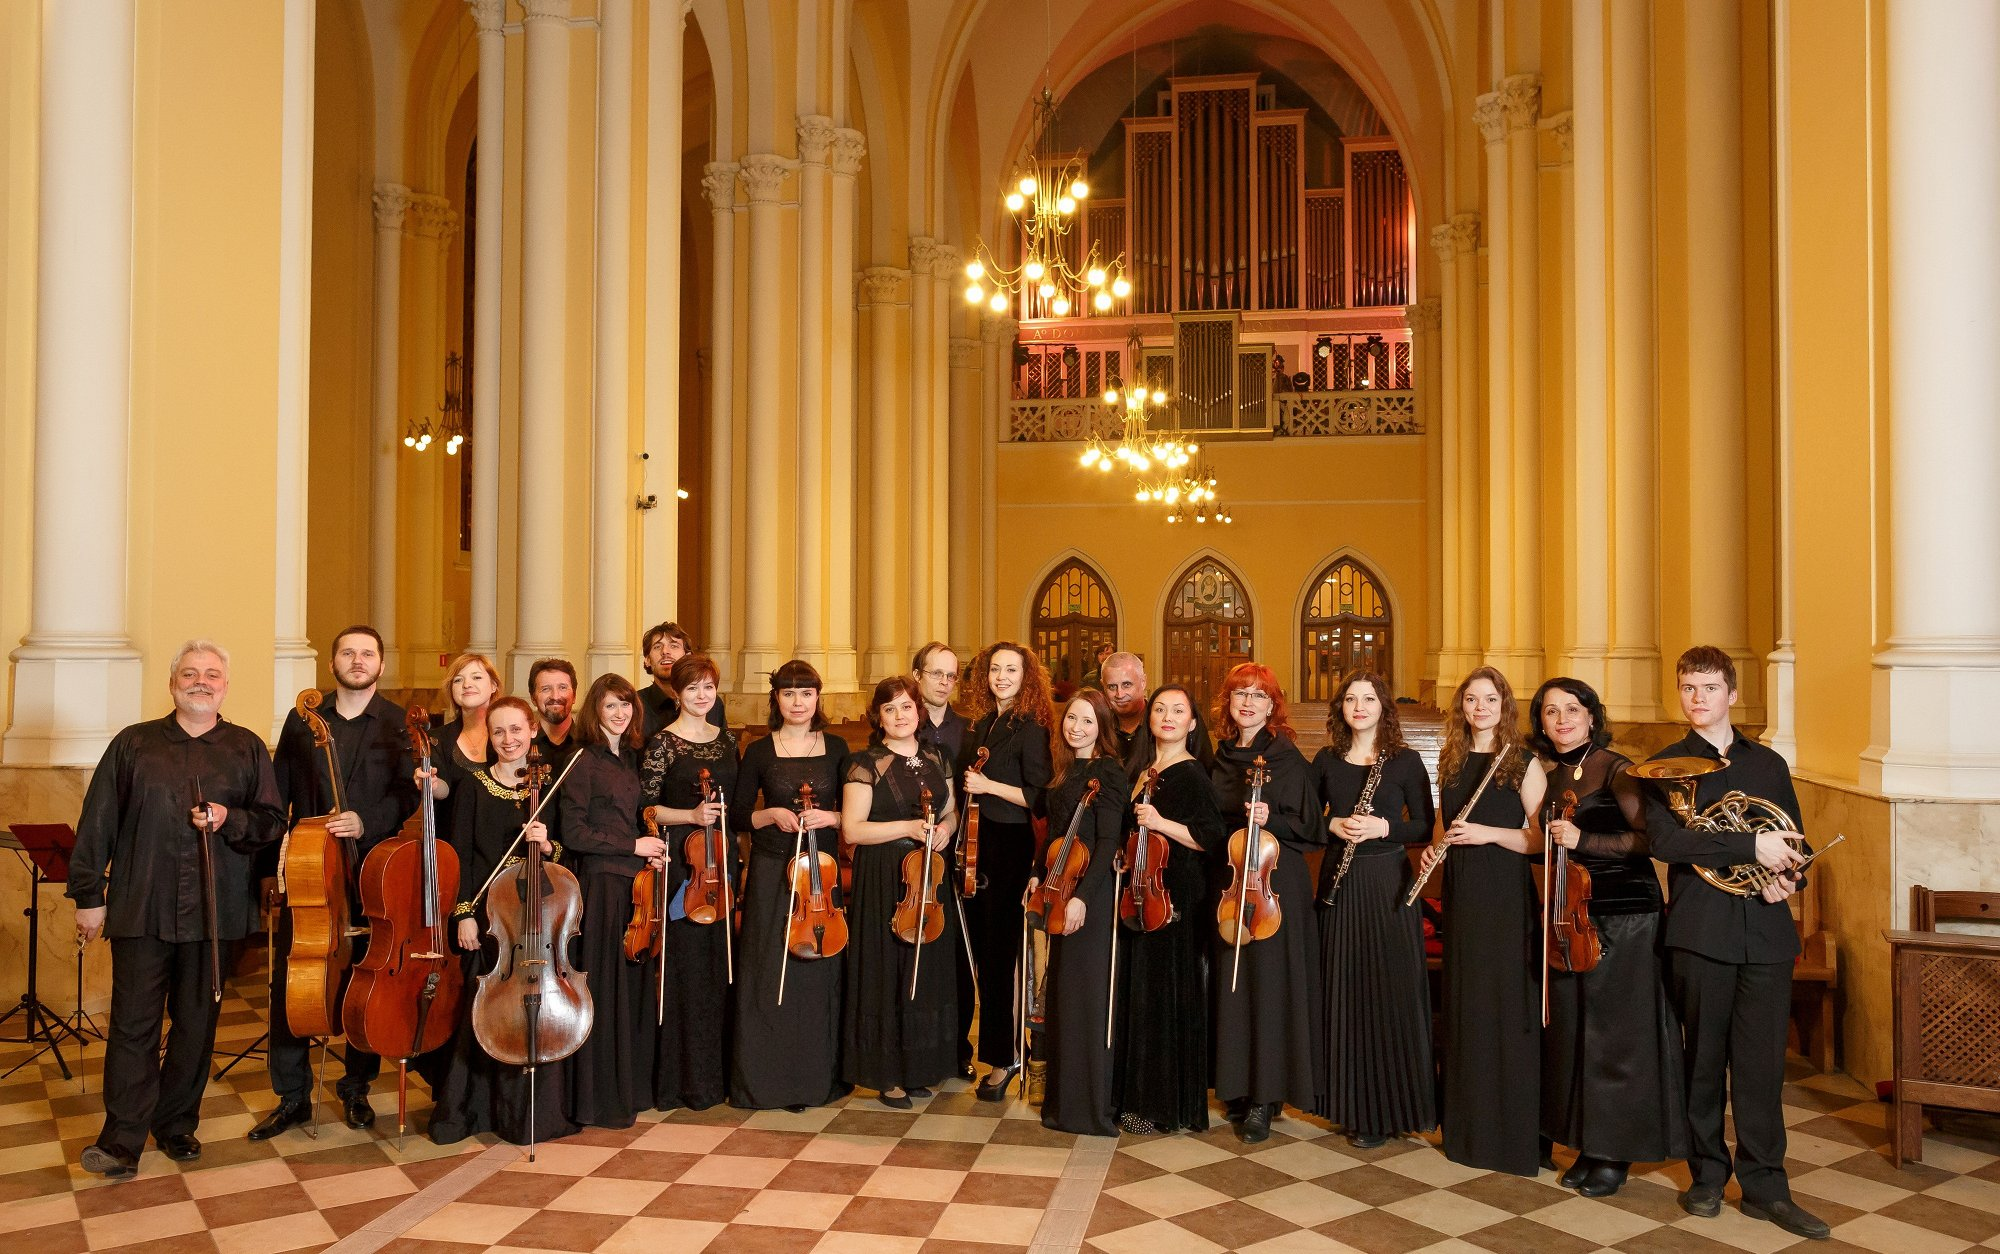 Камерный оркестр «Инструментальная капелла». Дирижер Виктор Луценко смотреть фото